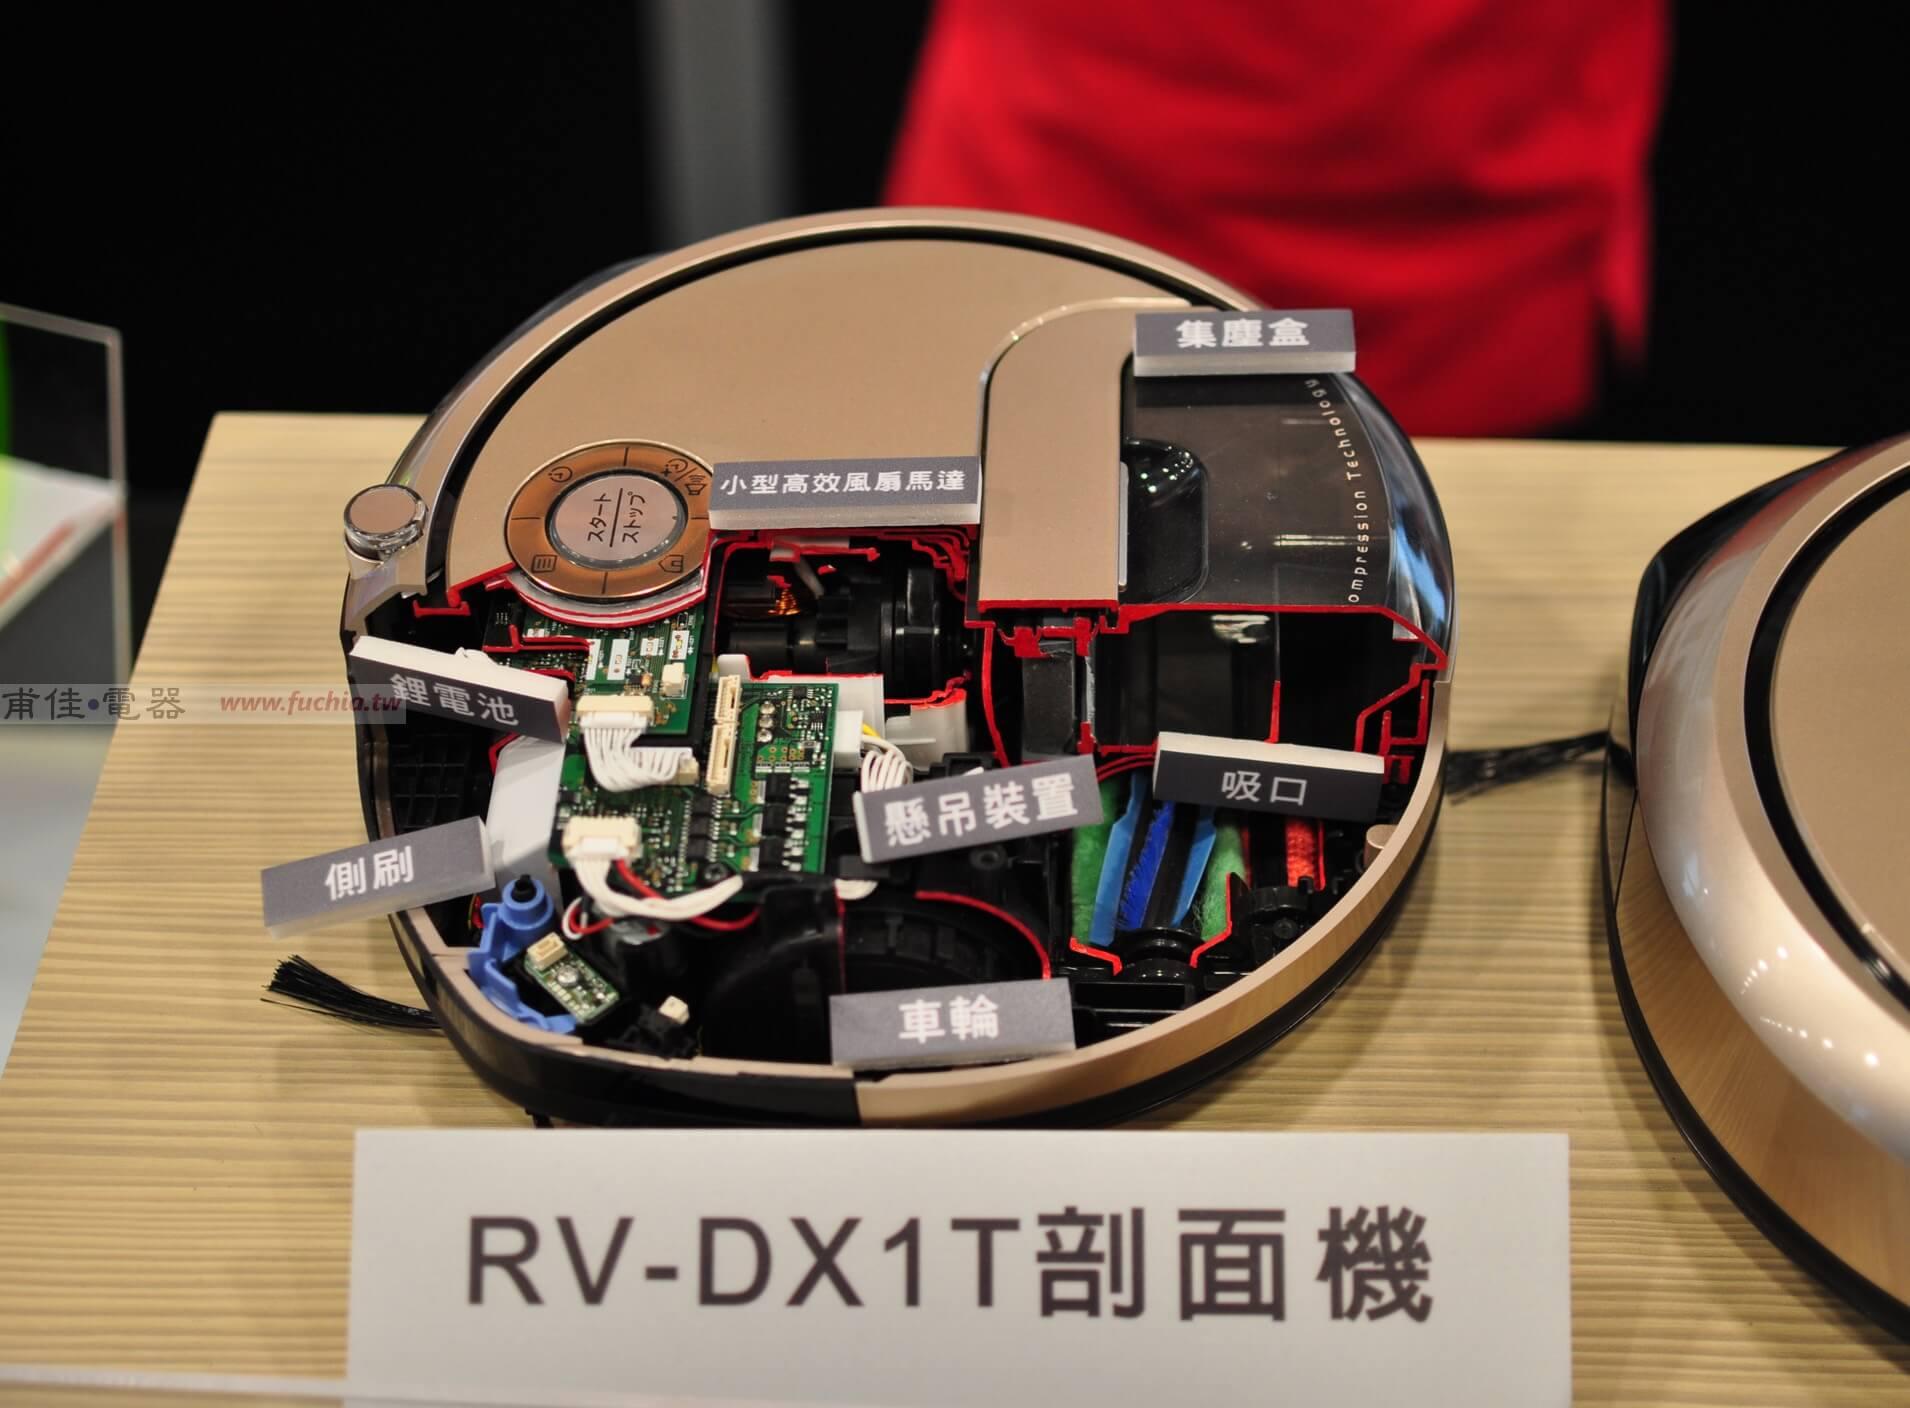 日立掃地機器人RV-DX1